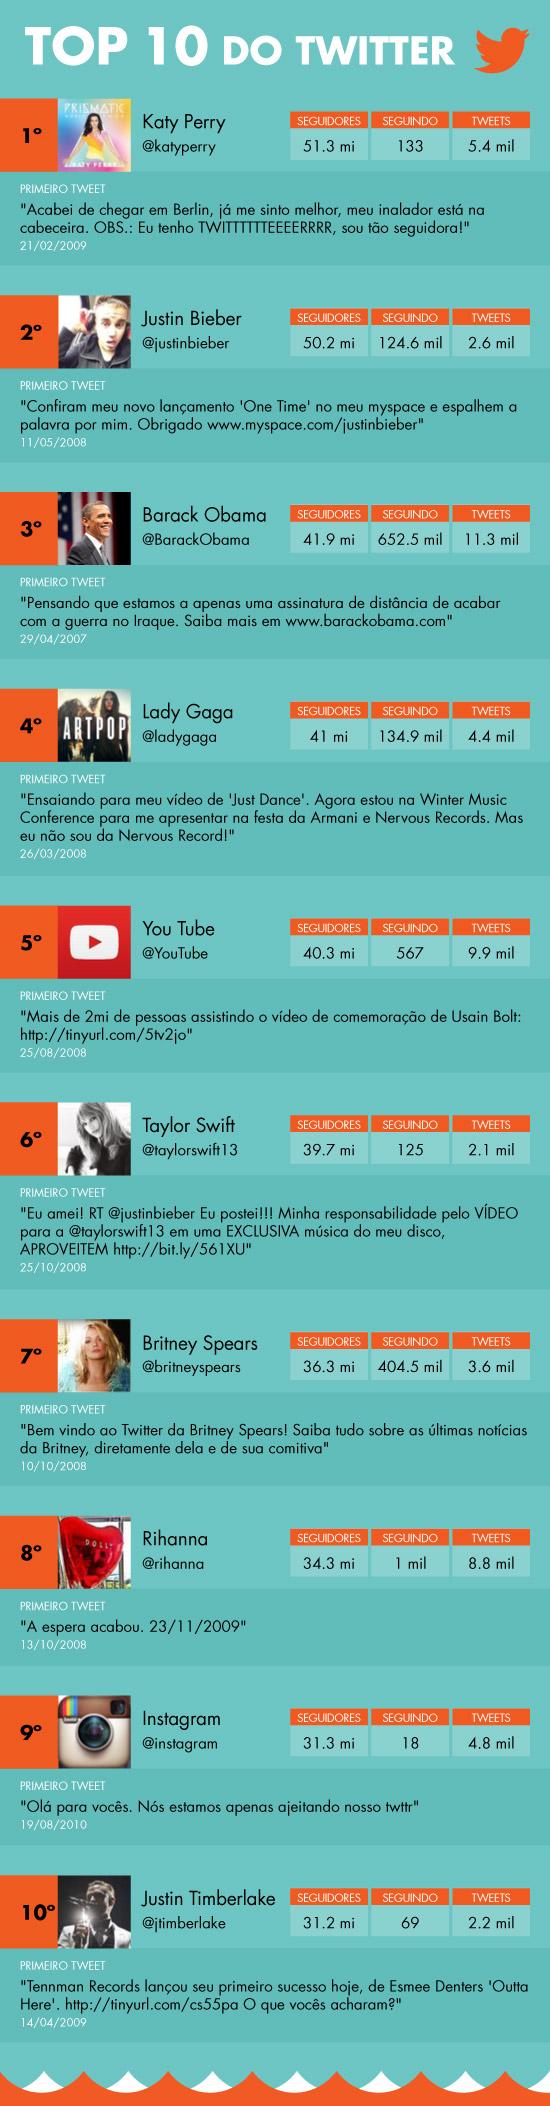 Aniversário do Twitter: Brasil está no Top 5 dos mais ativos na rede